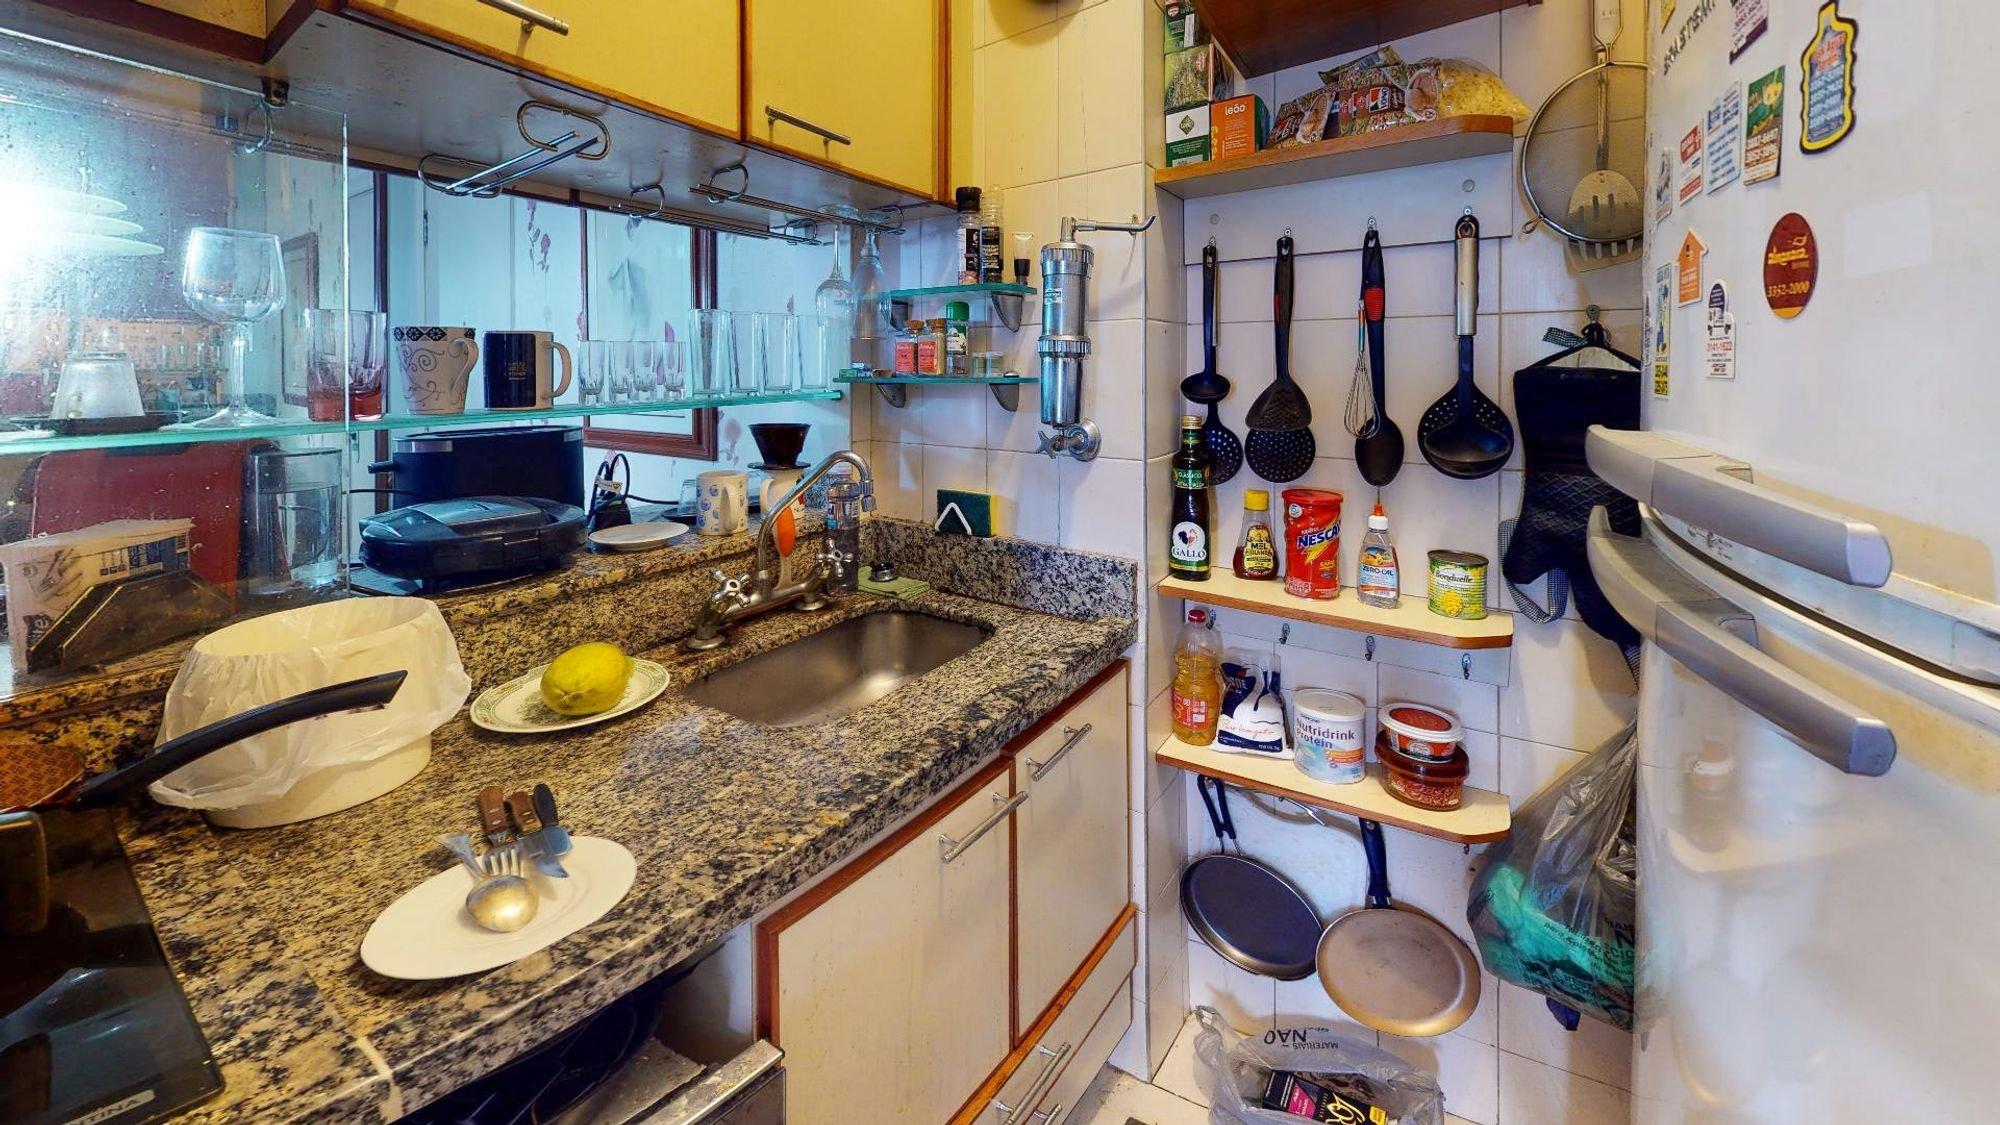 Foto de Cozinha com colher, garrafa, relógio, geladeira, pia